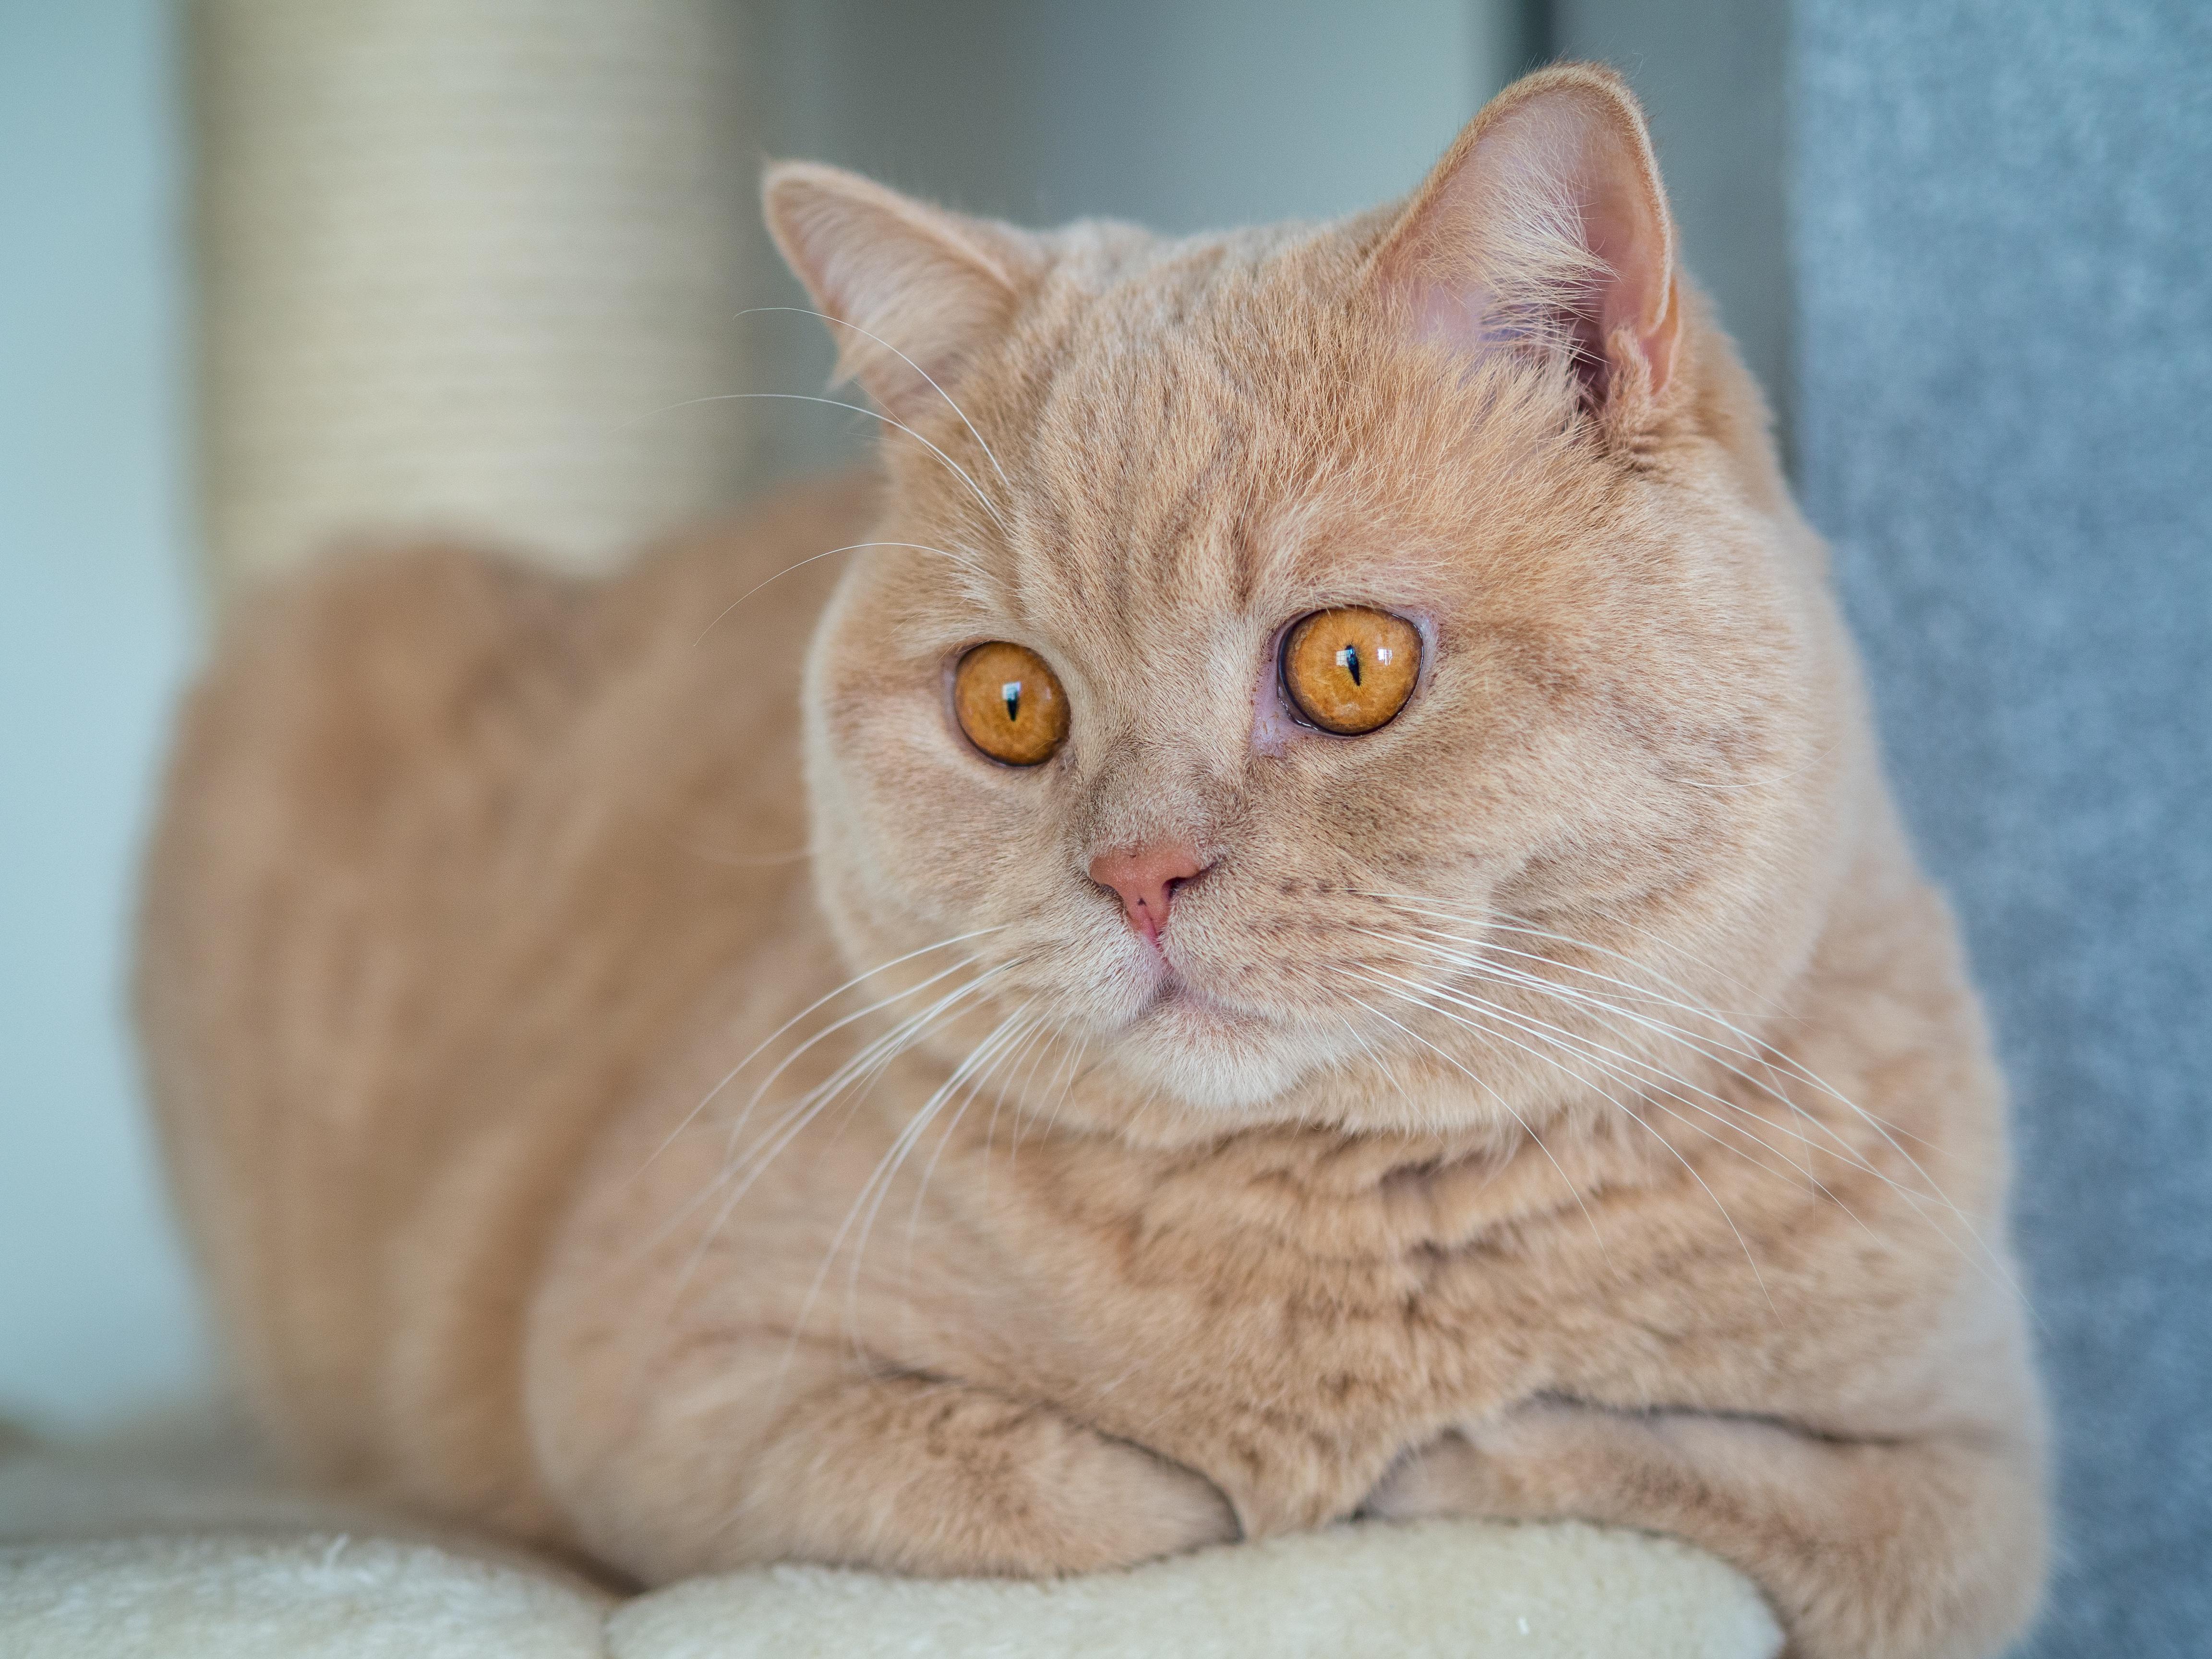 Cat Pet 4608x3456